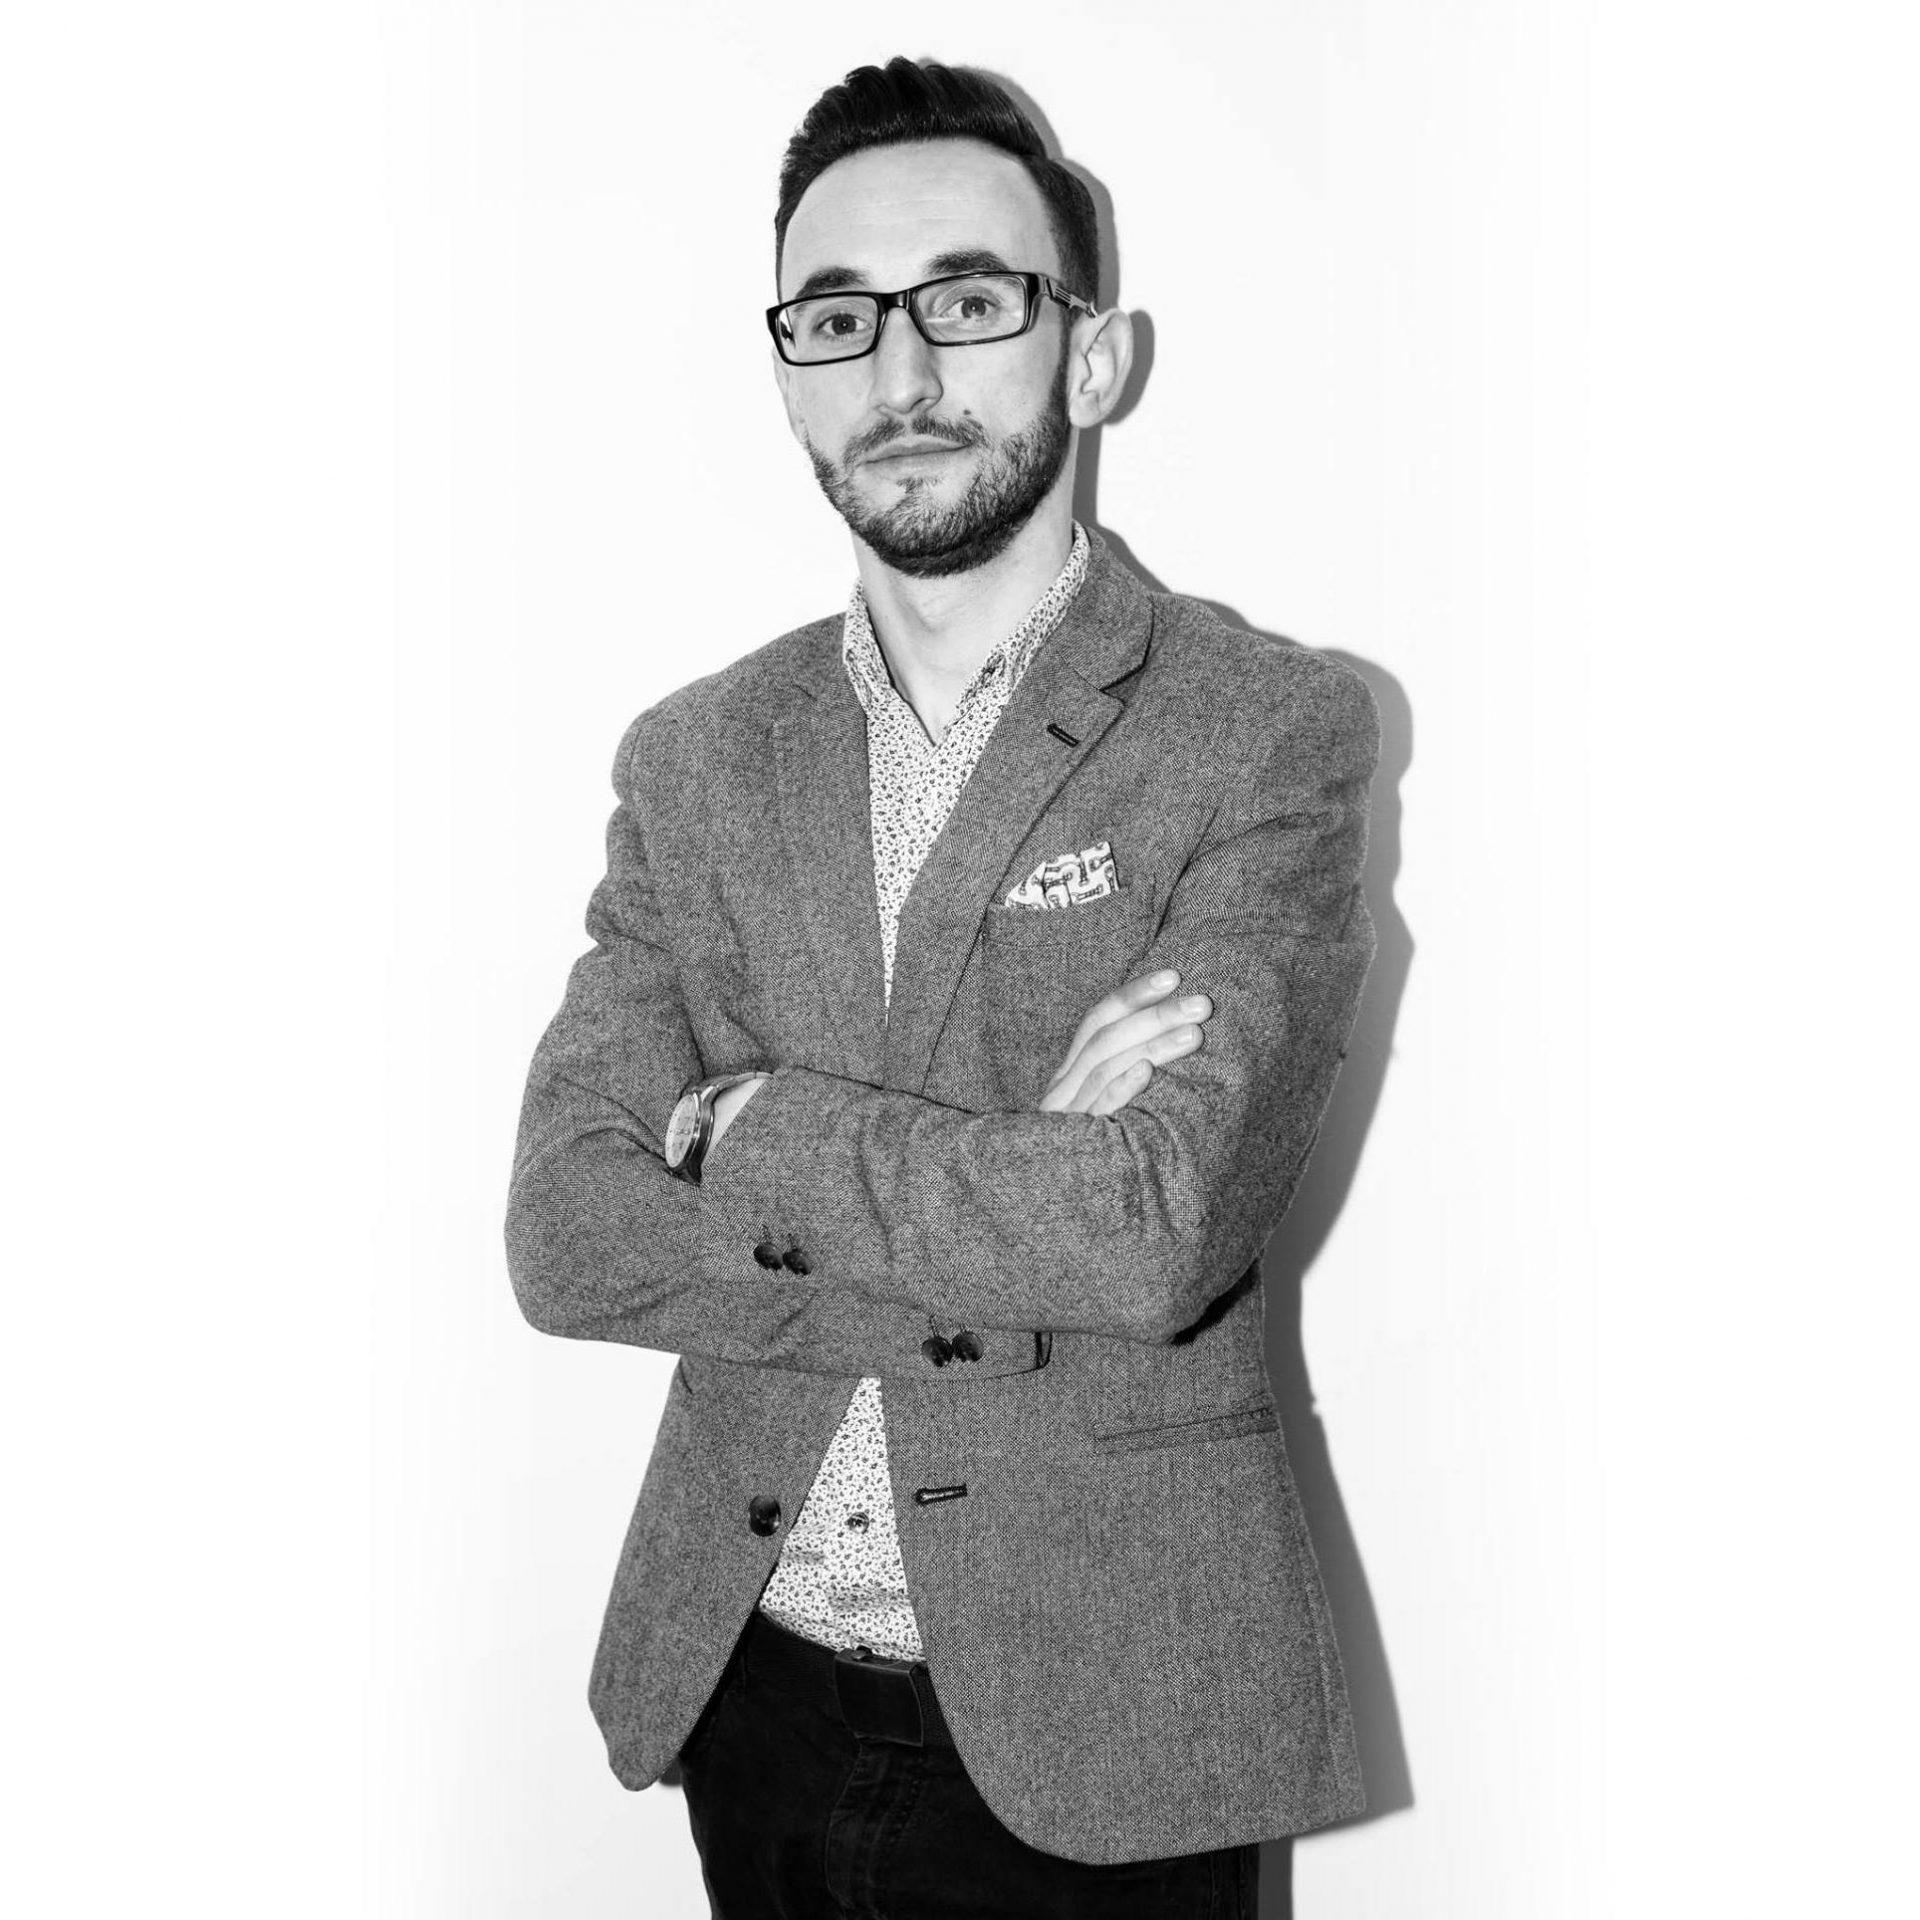 Cine este și ce vrea GDPR de la companiile românești. De vorbă cu Liviu Florescu, Manager Craft Interactive [INTERVIU]